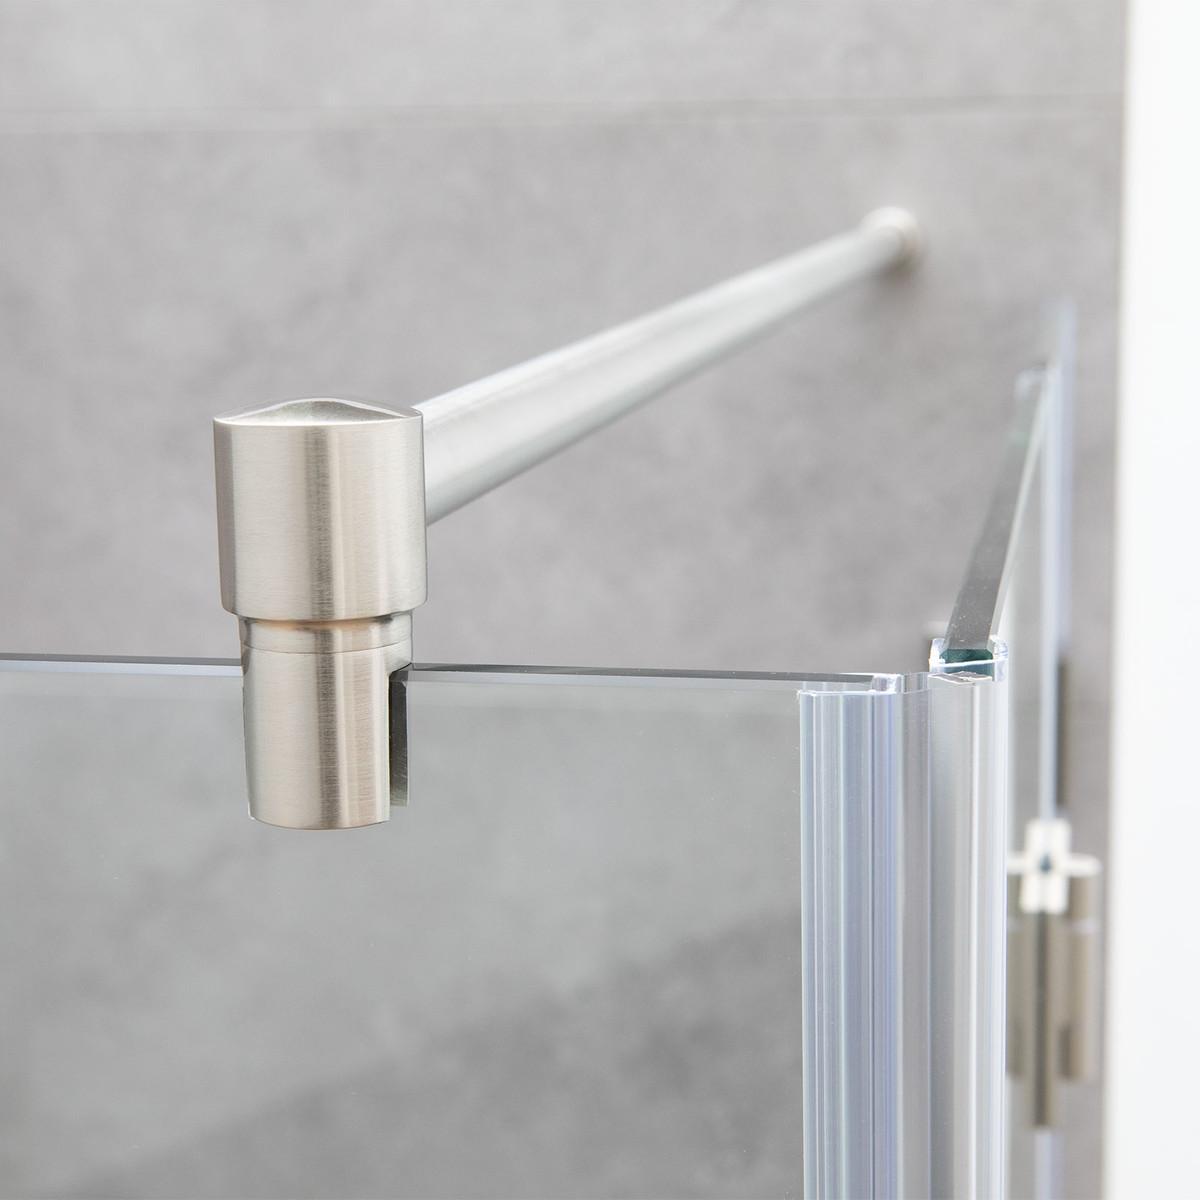 Gut gemocht Stabilisierungsstange Dusche Edelstahl, Stabistange für Duschwand QC29